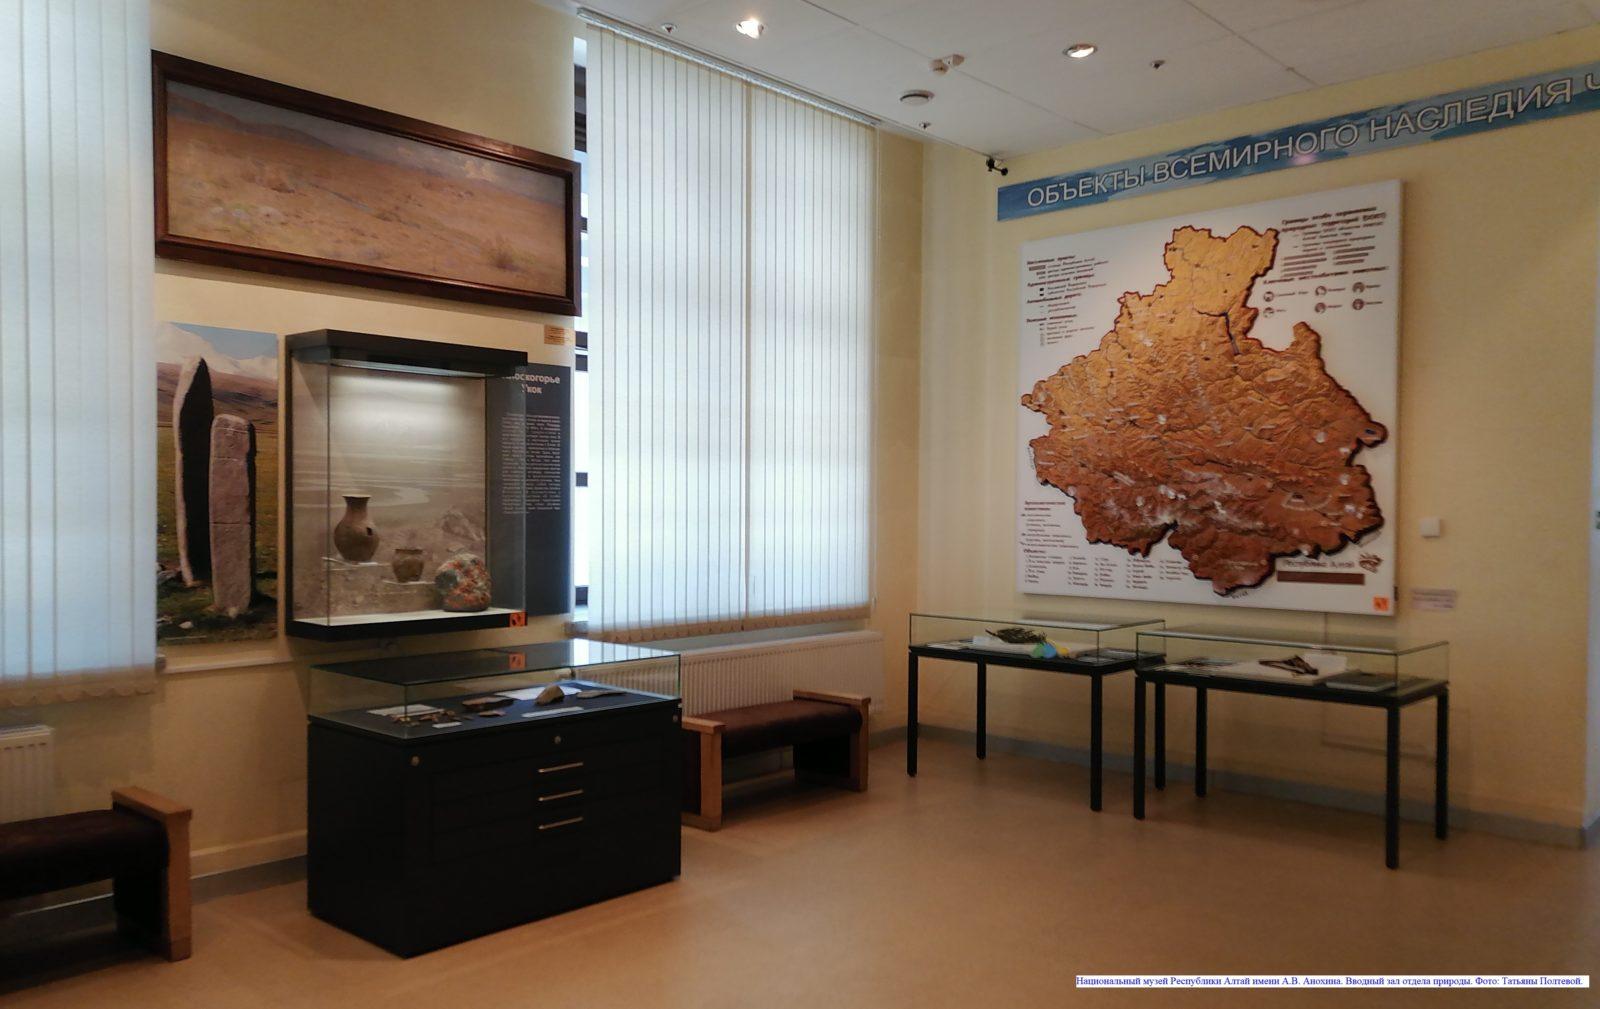 Национальный музей Республики Алтай имени А.В. Анохина. Вводный зал отдела природы.